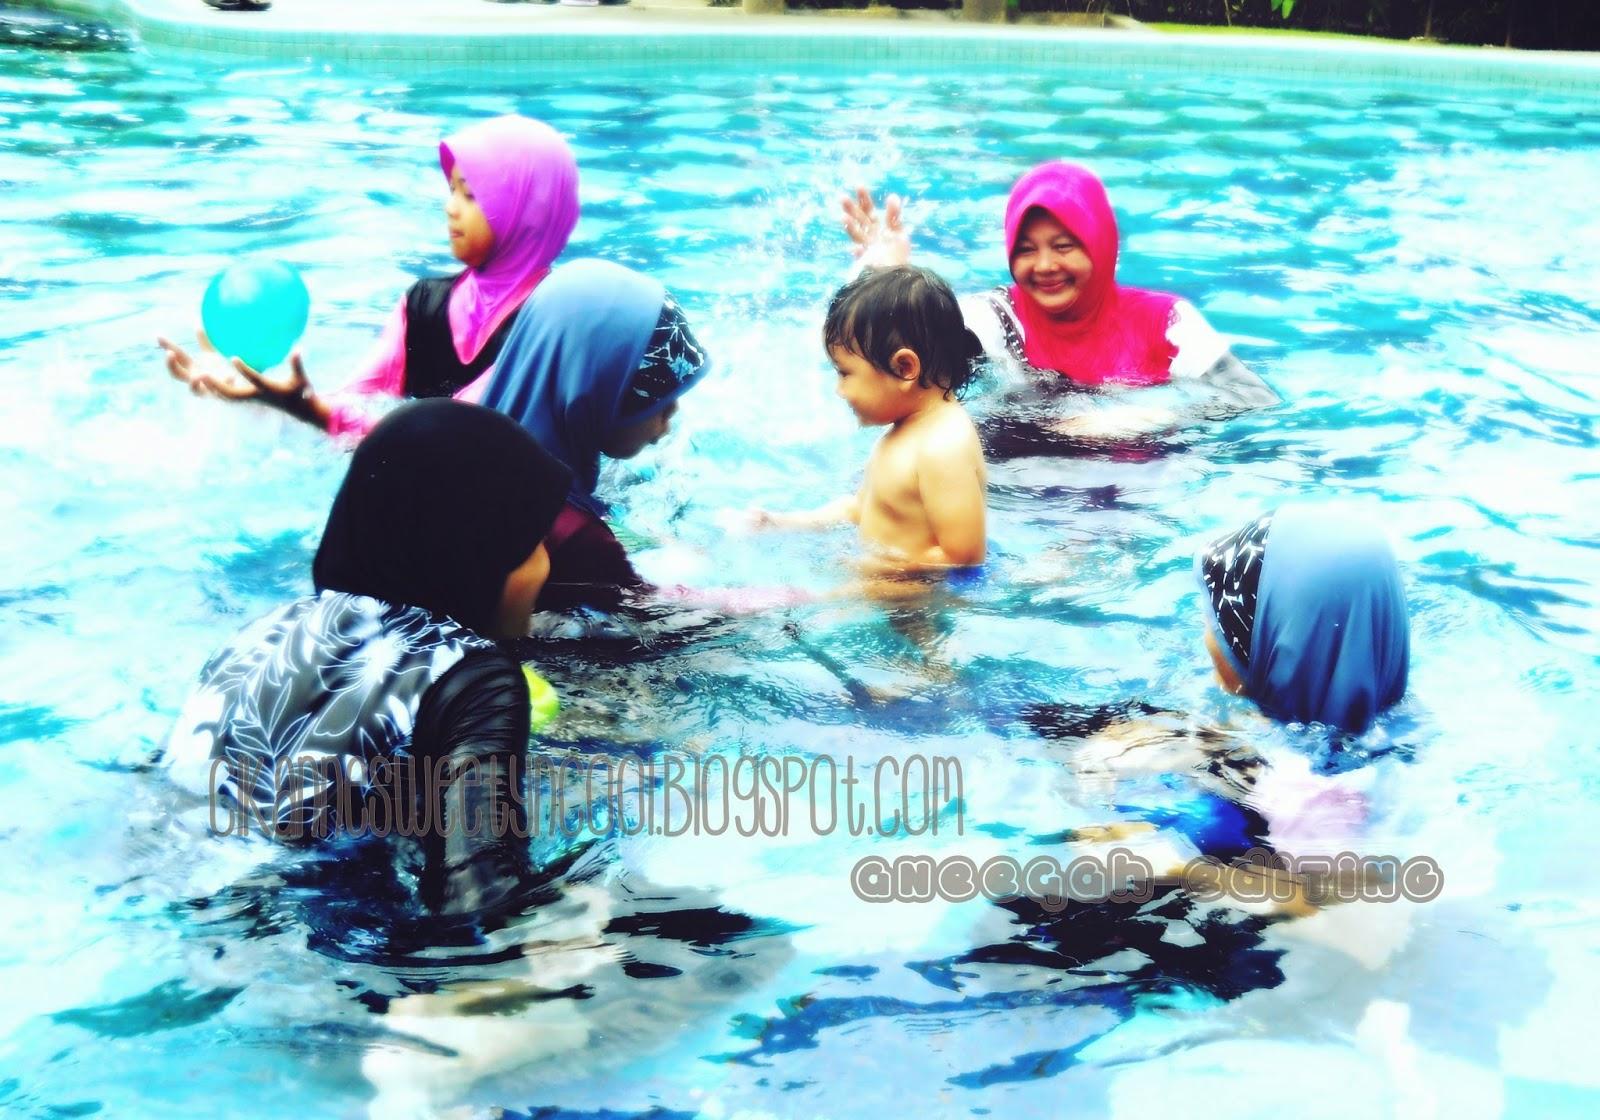 Hari Keluarga dan mandi di kolam renang